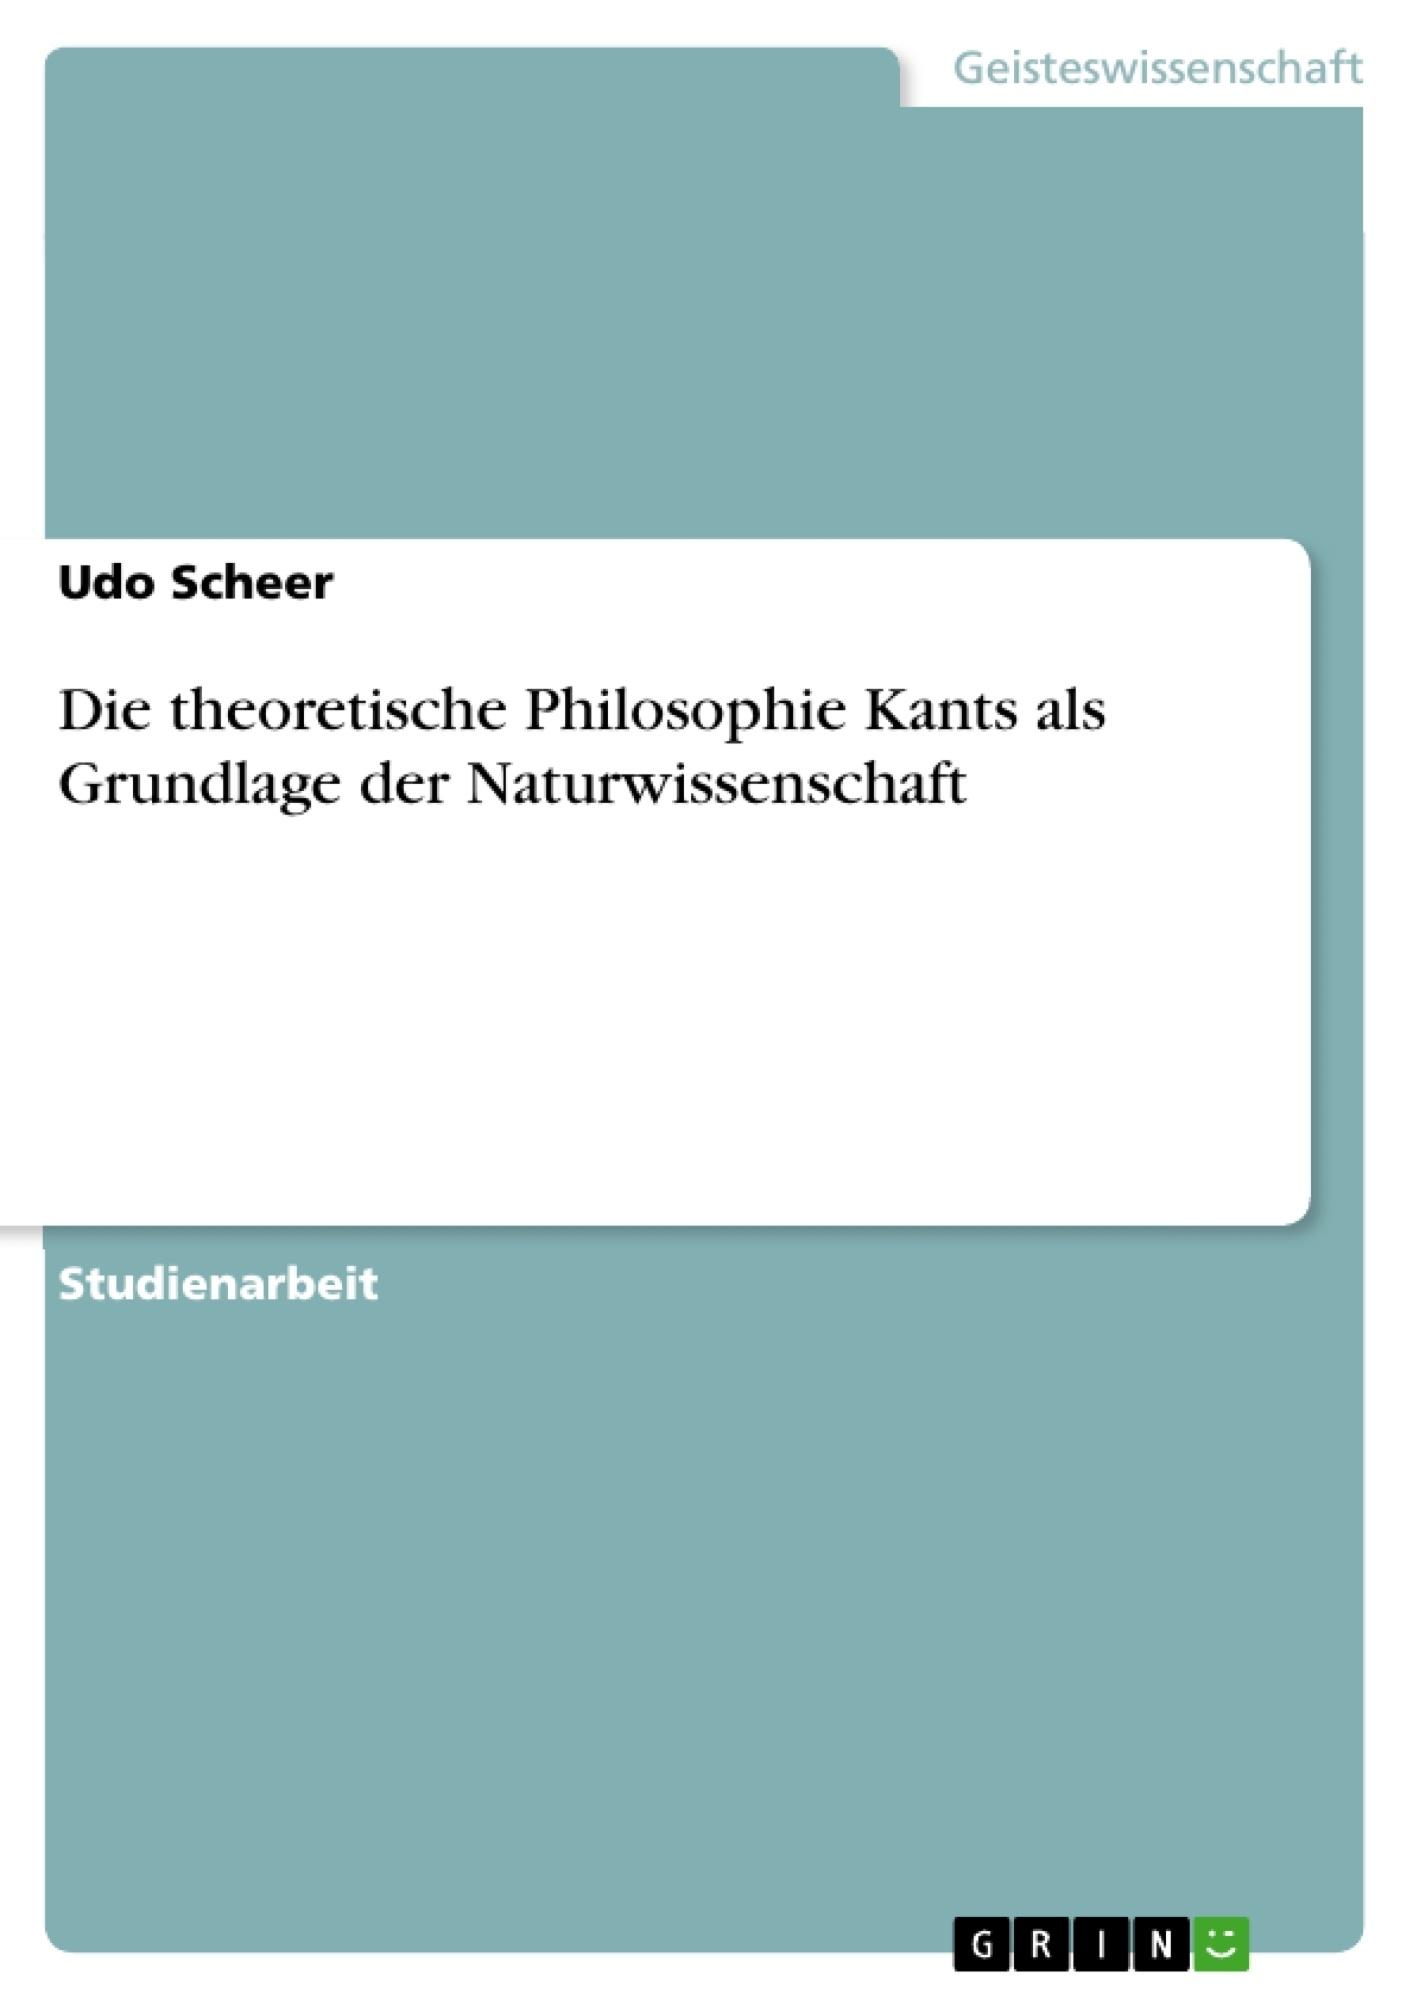 Titel: Die theoretische Philosophie Kants als Grundlage der Naturwissenschaft